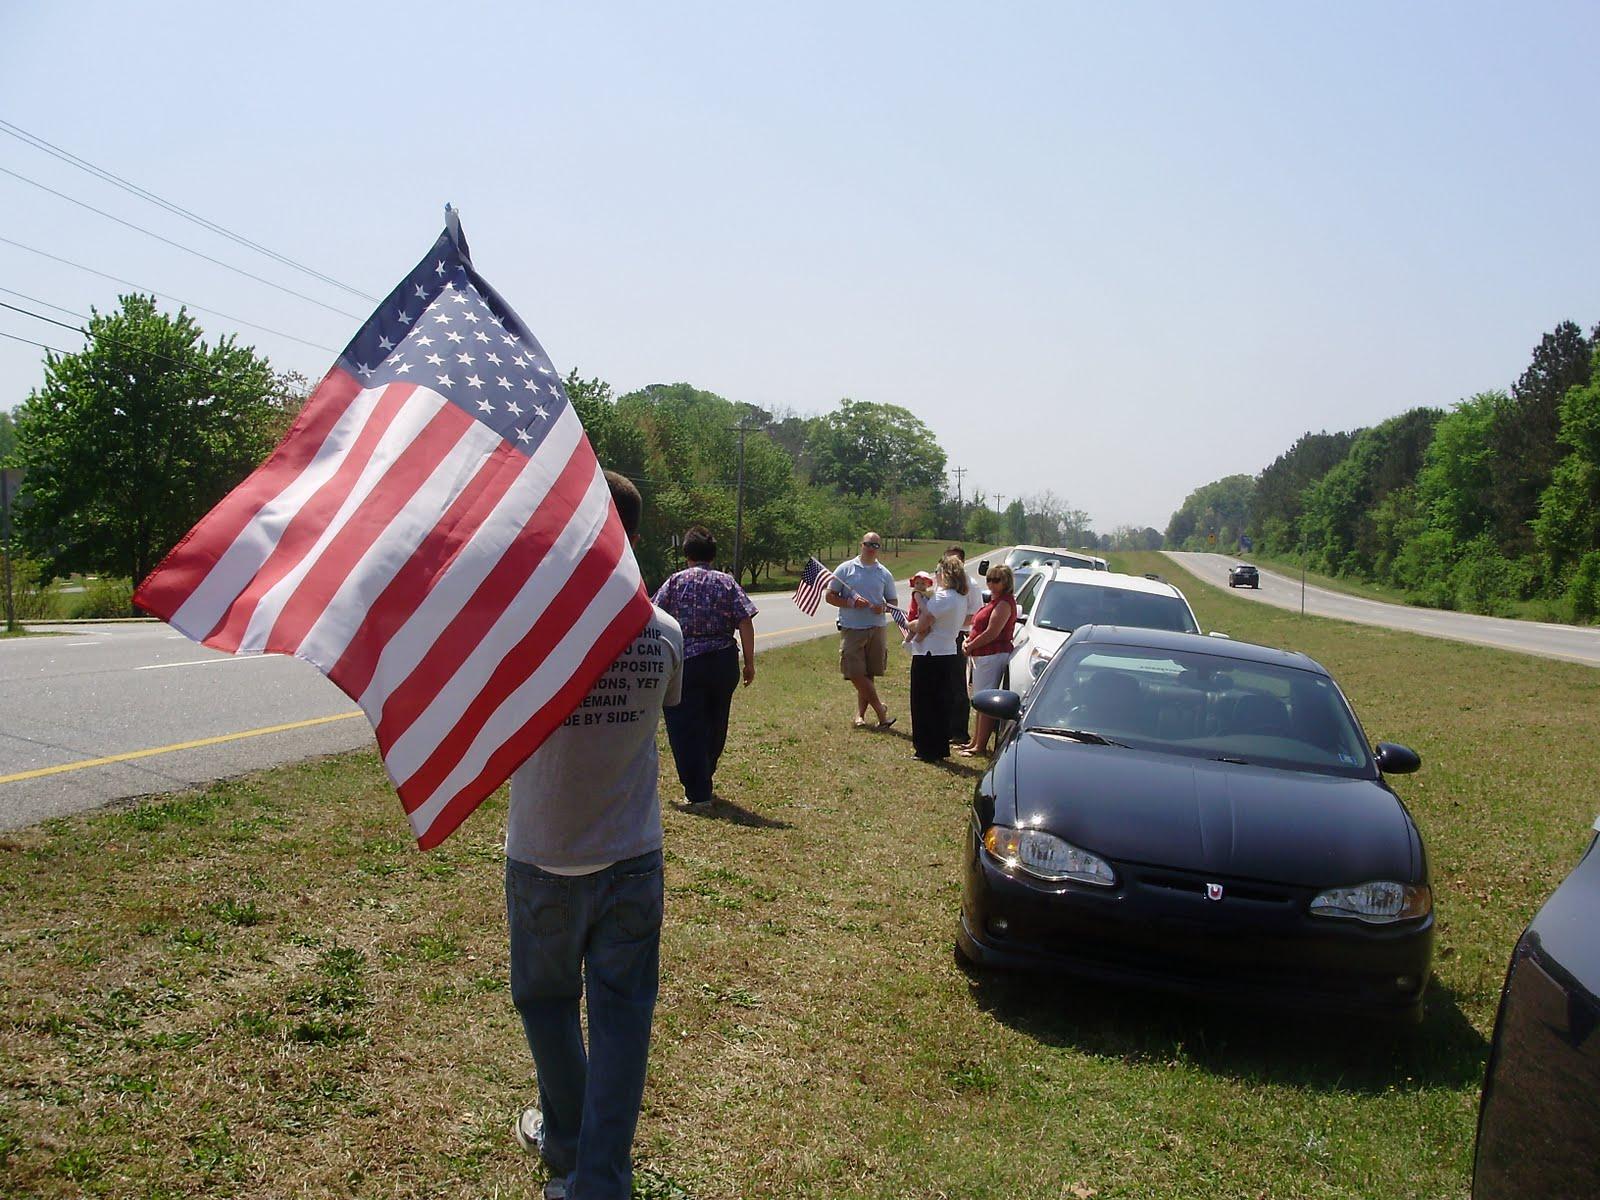 http://2.bp.blogspot.com/_l7IA-wVRHyU/S83VMG1-atI/AAAAAAAAAu8/bS9EtUcErYE/s1600/Collins%2B003.JPG